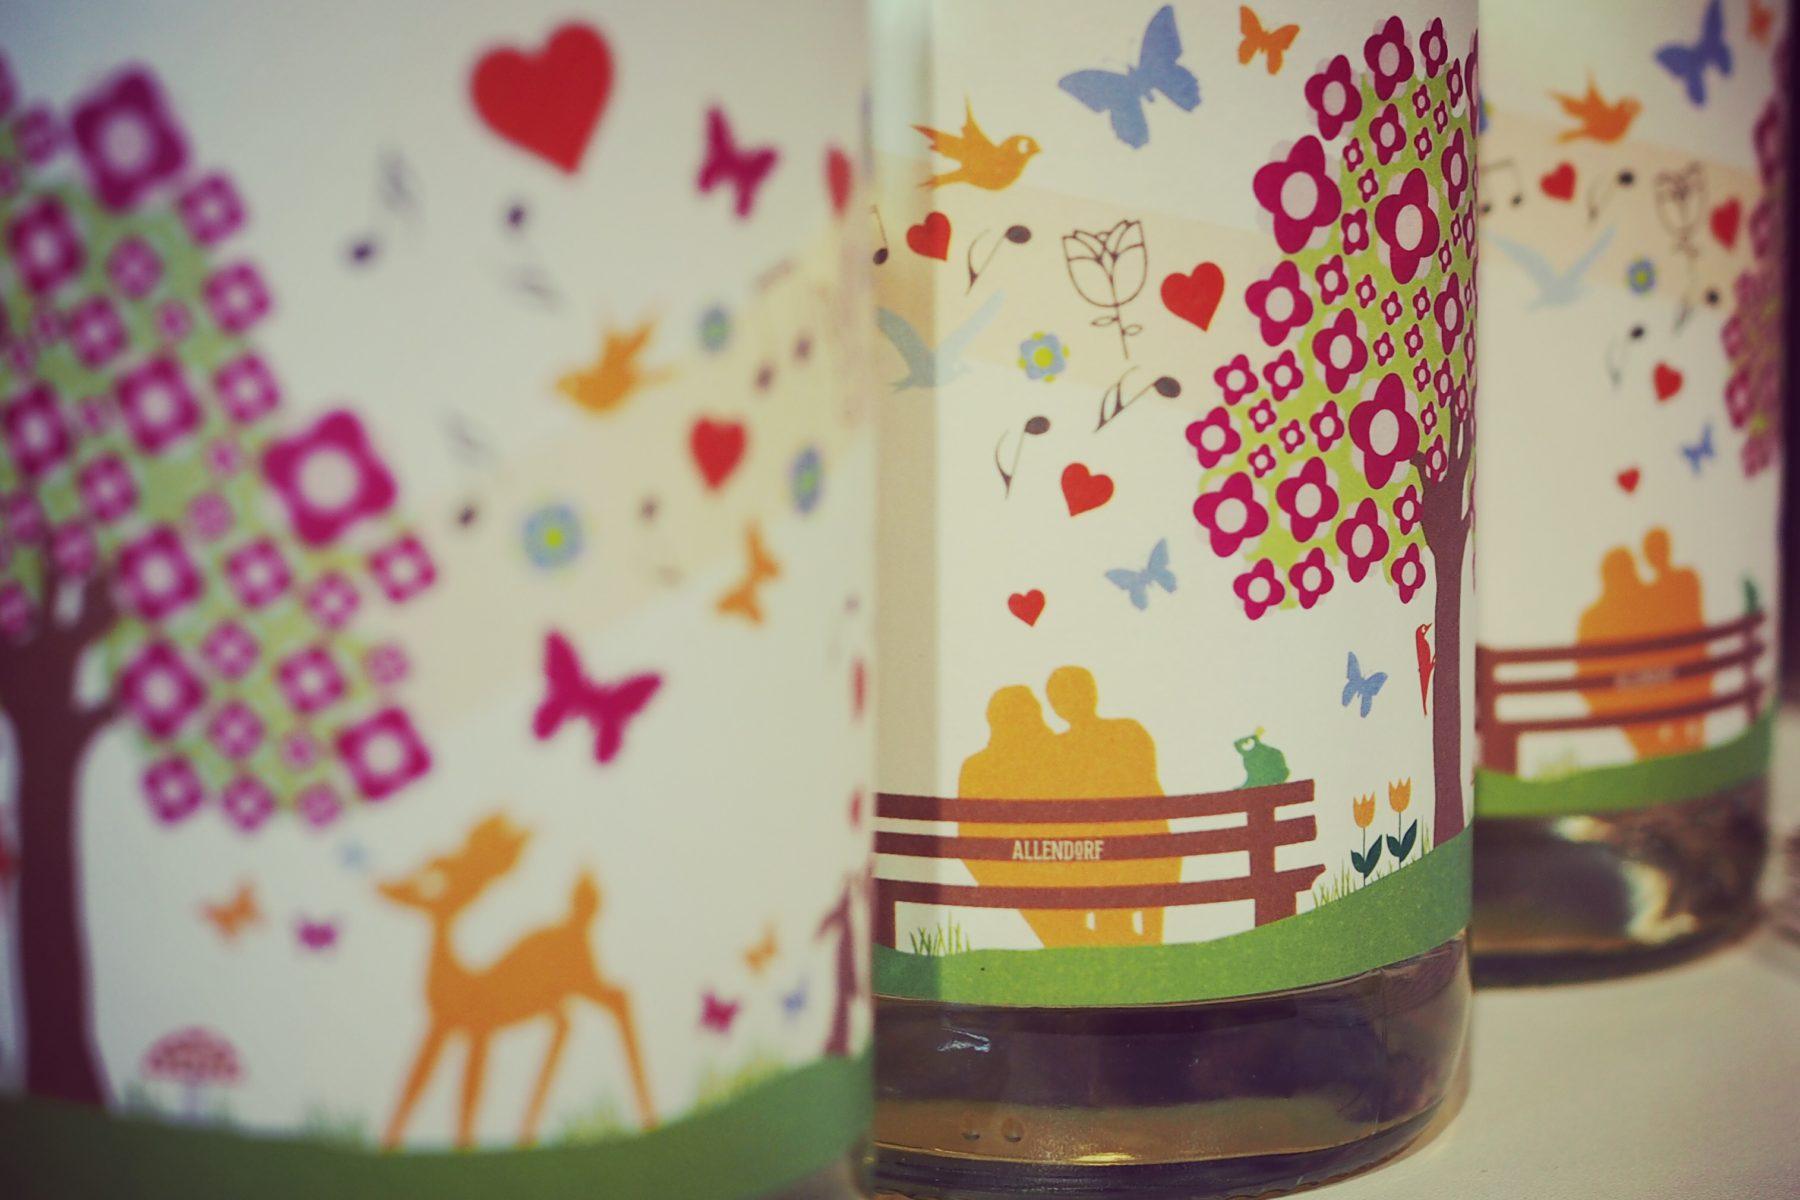 Sommerweine beim Weingut Fritz Allendorf